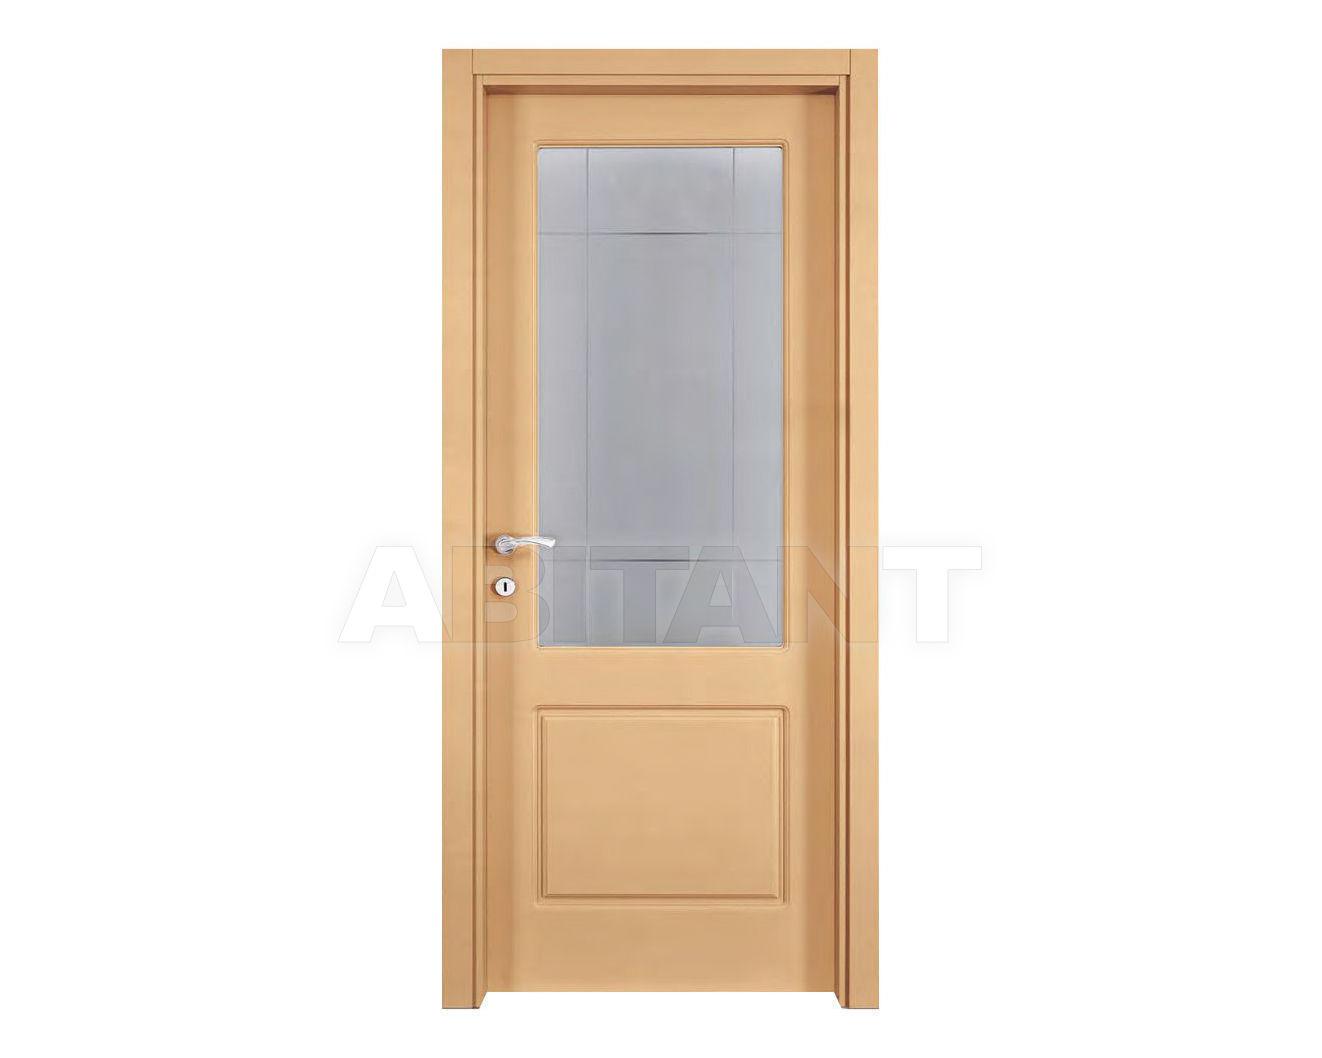 Купить Дверь деревянная Fioravazzi Pantografate PARIZIA 27 VETRO